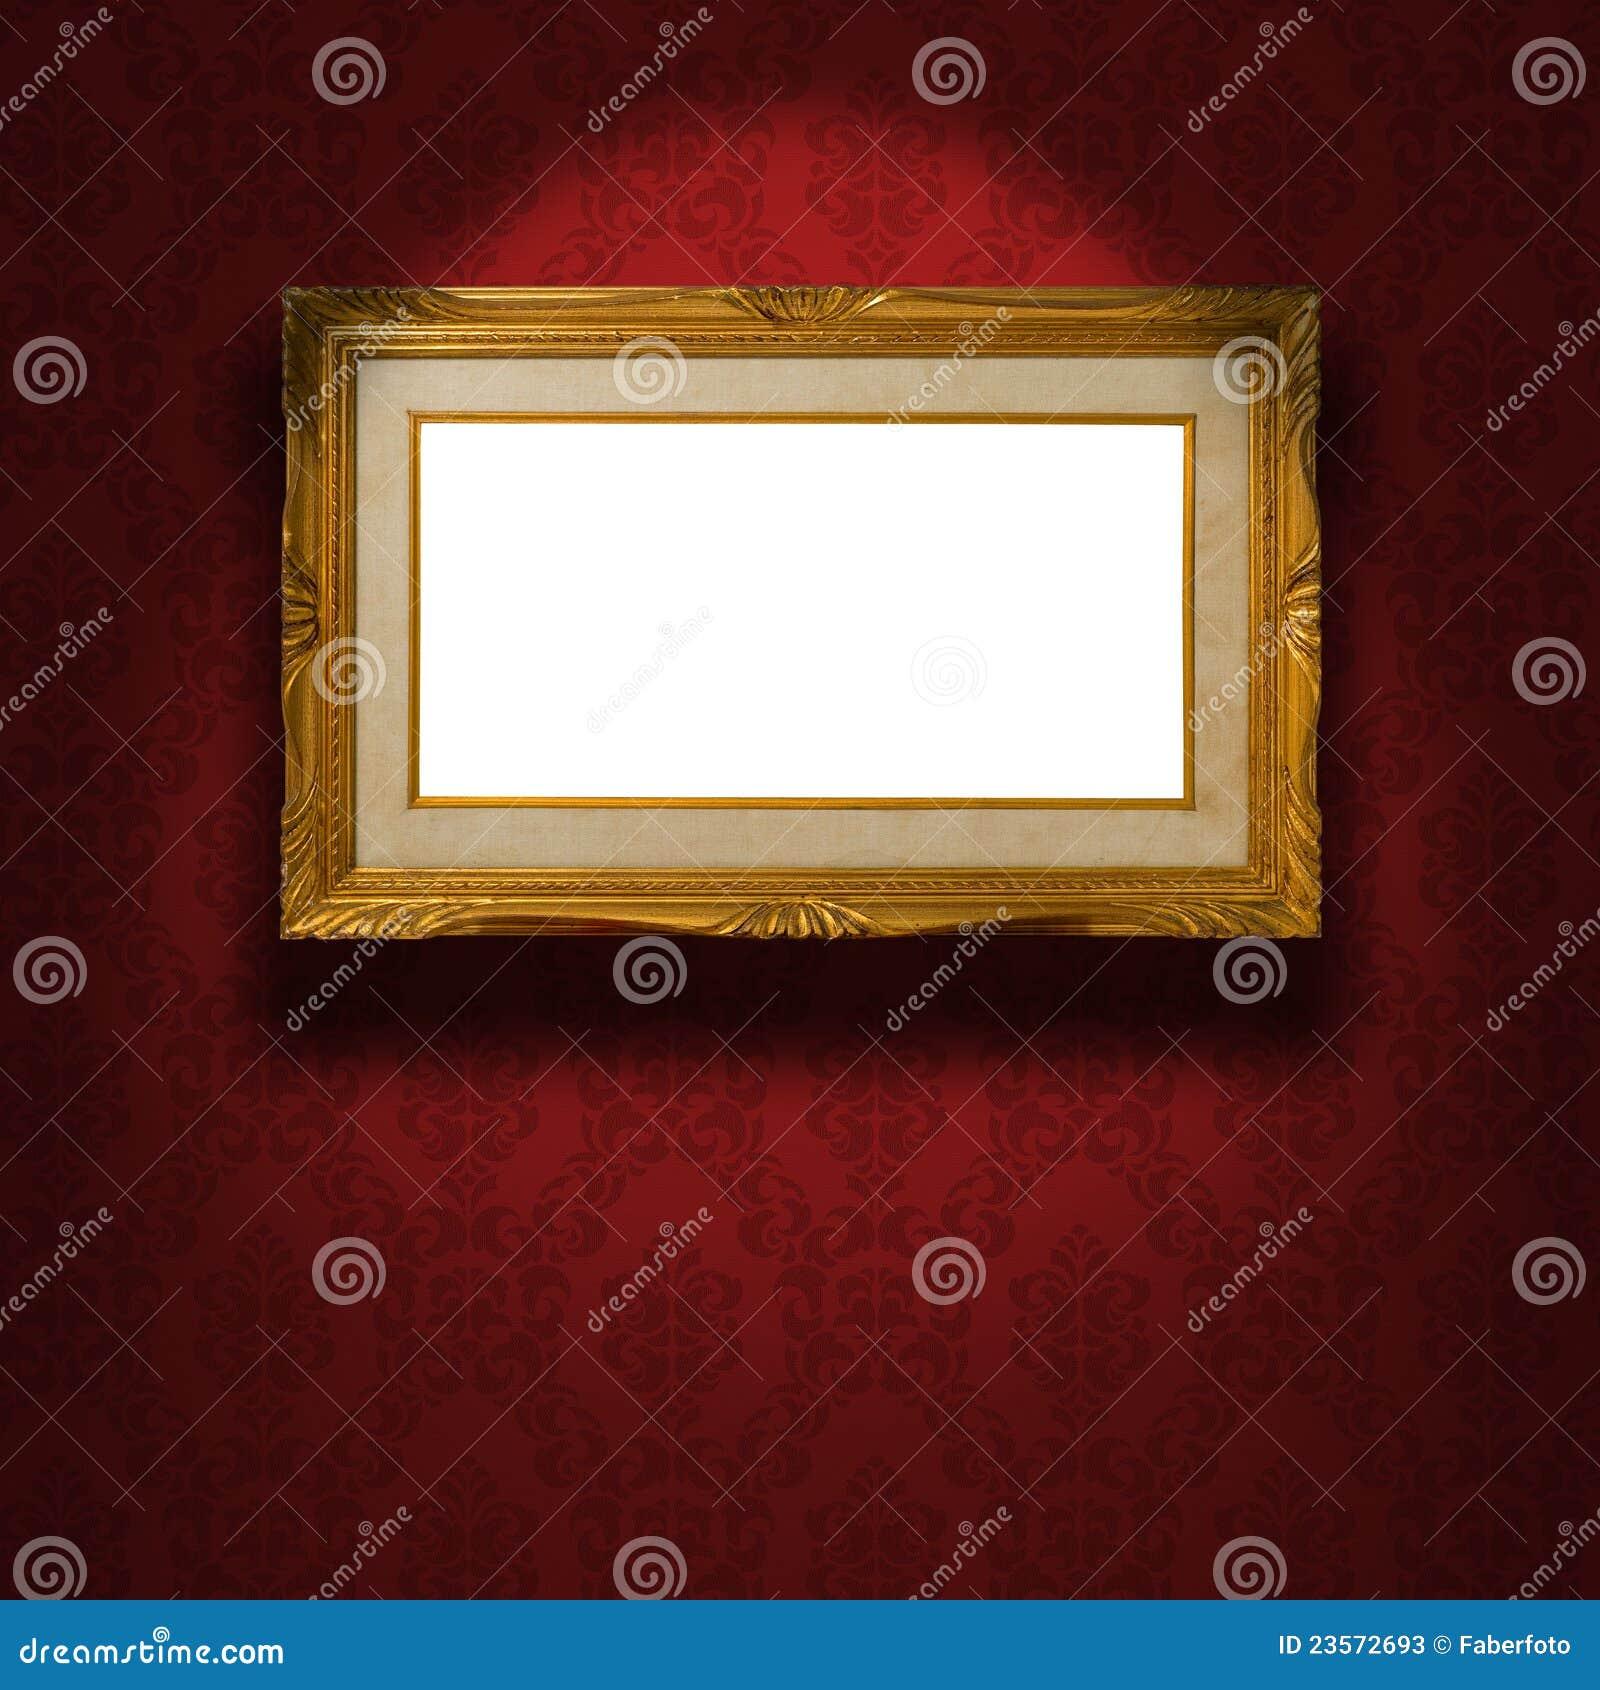 Marco de oro vacío en la pared.